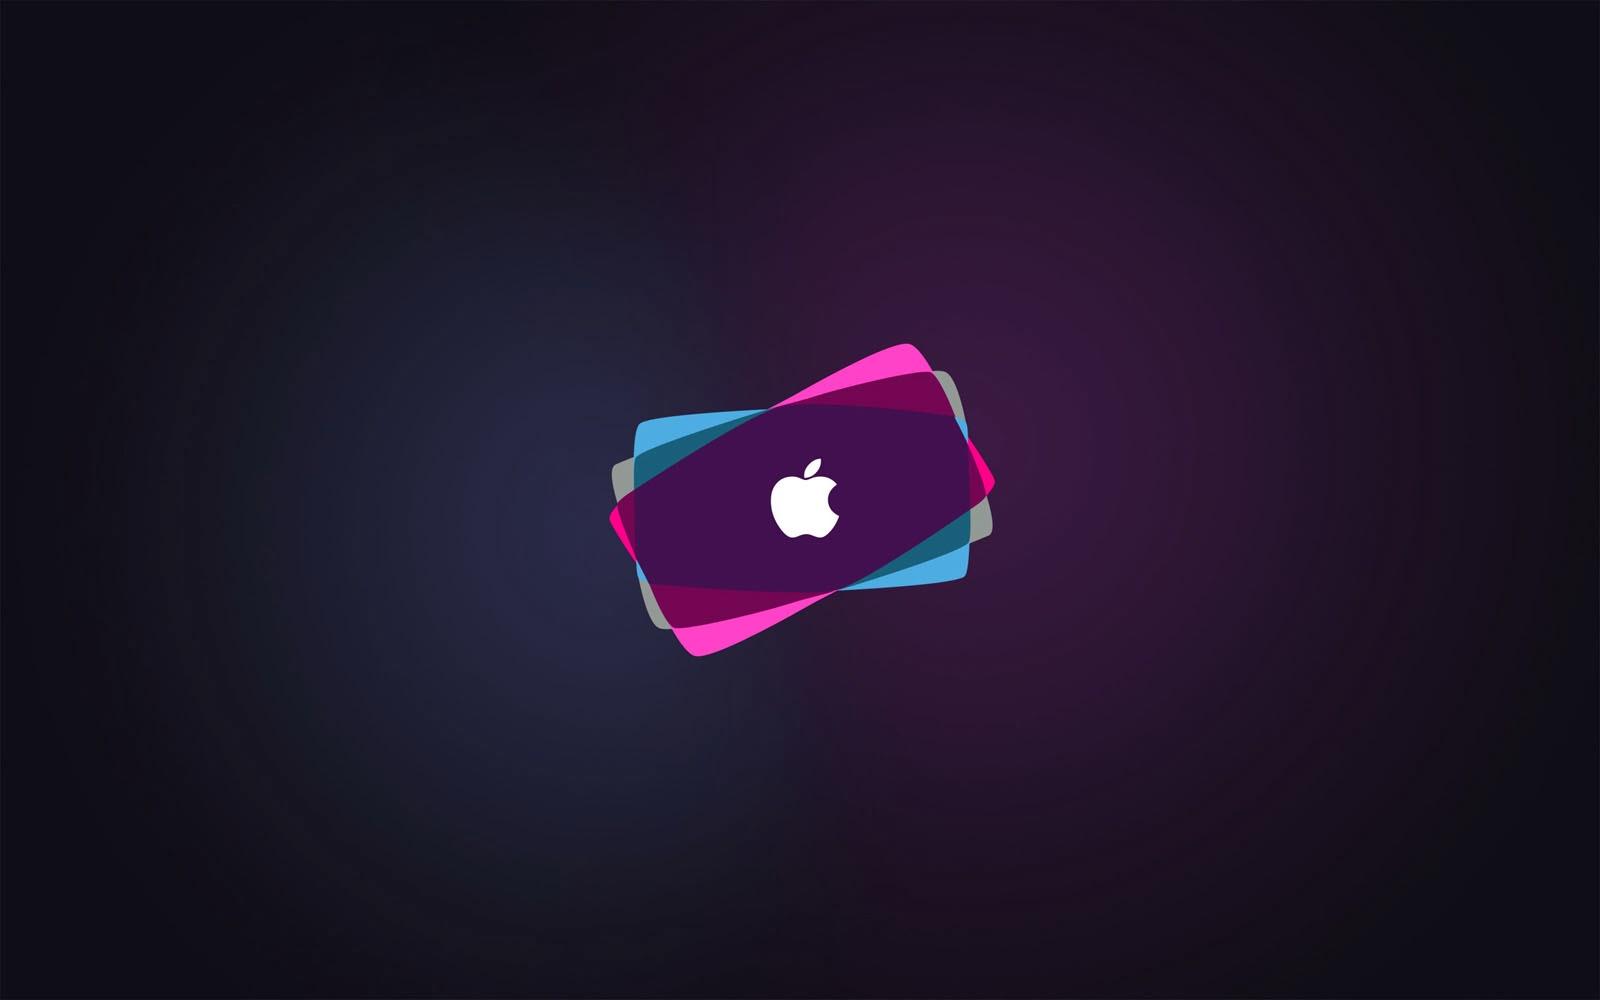 Wallpapers Apple Desktop Wallpapers